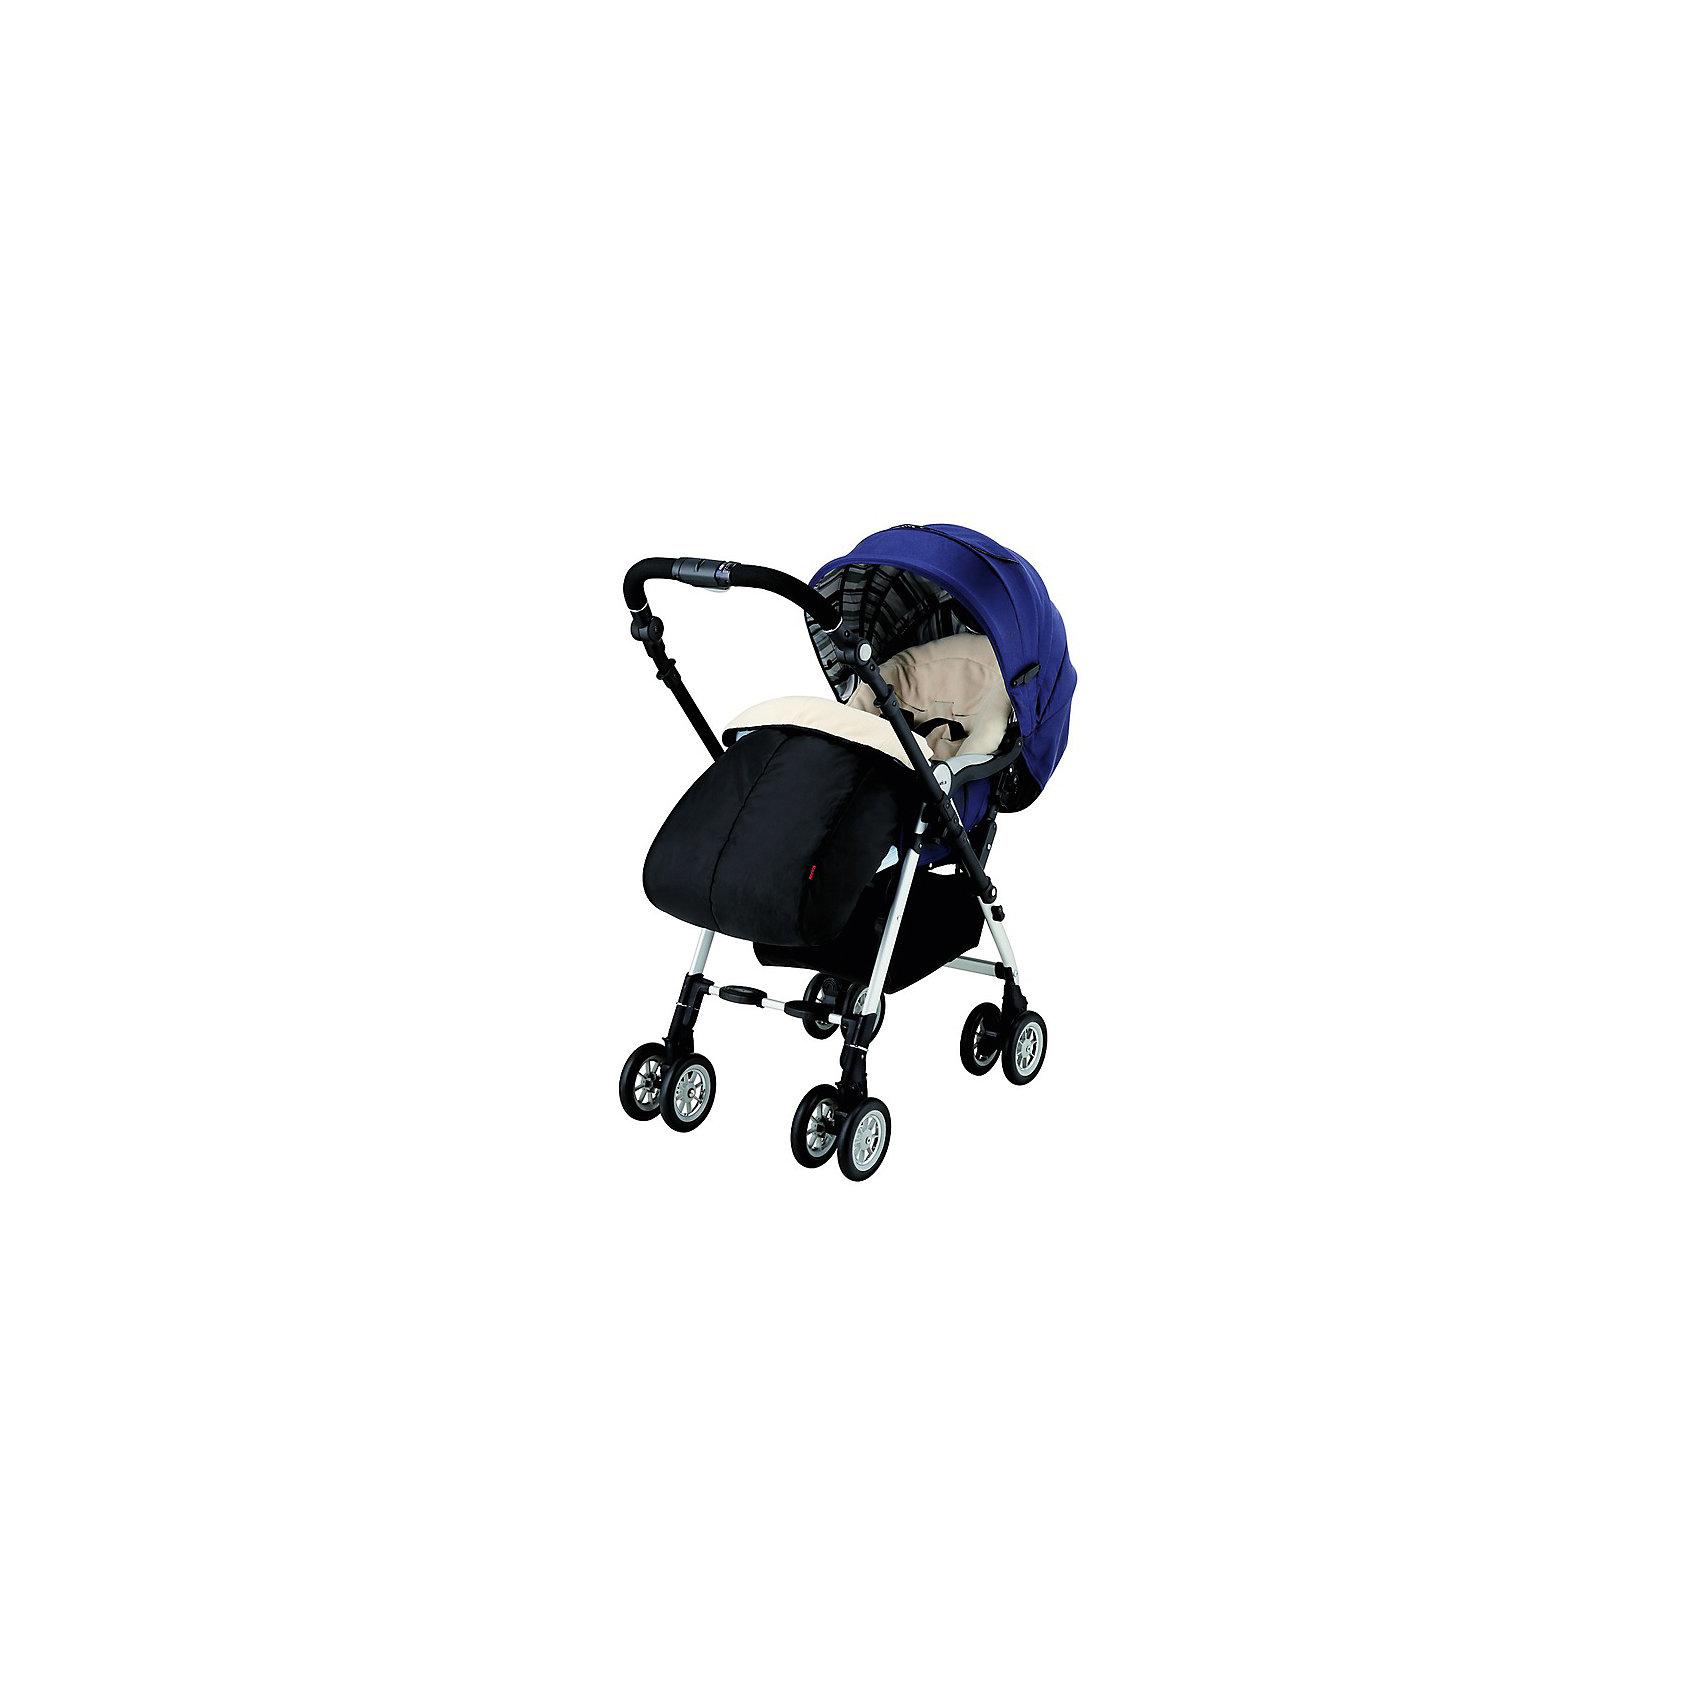 Накидка на ноги, ApricaАксессуары для колясок<br>Утепленная накидка на ноги защищает малыша в холодное время года. Крепится к шасси колясок Aprica. Накидка на ноги оснащена прорезями для ремней безопасности. Накидка на ноги изготовлена из полиэстера. Допускается машинная стирка.<br><br>Накидку на ноги, Aprica можно купить в нашем интернет-магазине.<br><br>Ширина мм: 50<br>Глубина мм: 100<br>Высота мм: 35<br>Вес г: 500<br>Возраст от месяцев: 0<br>Возраст до месяцев: 48<br>Пол: Унисекс<br>Возраст: Детский<br>SKU: 5451725